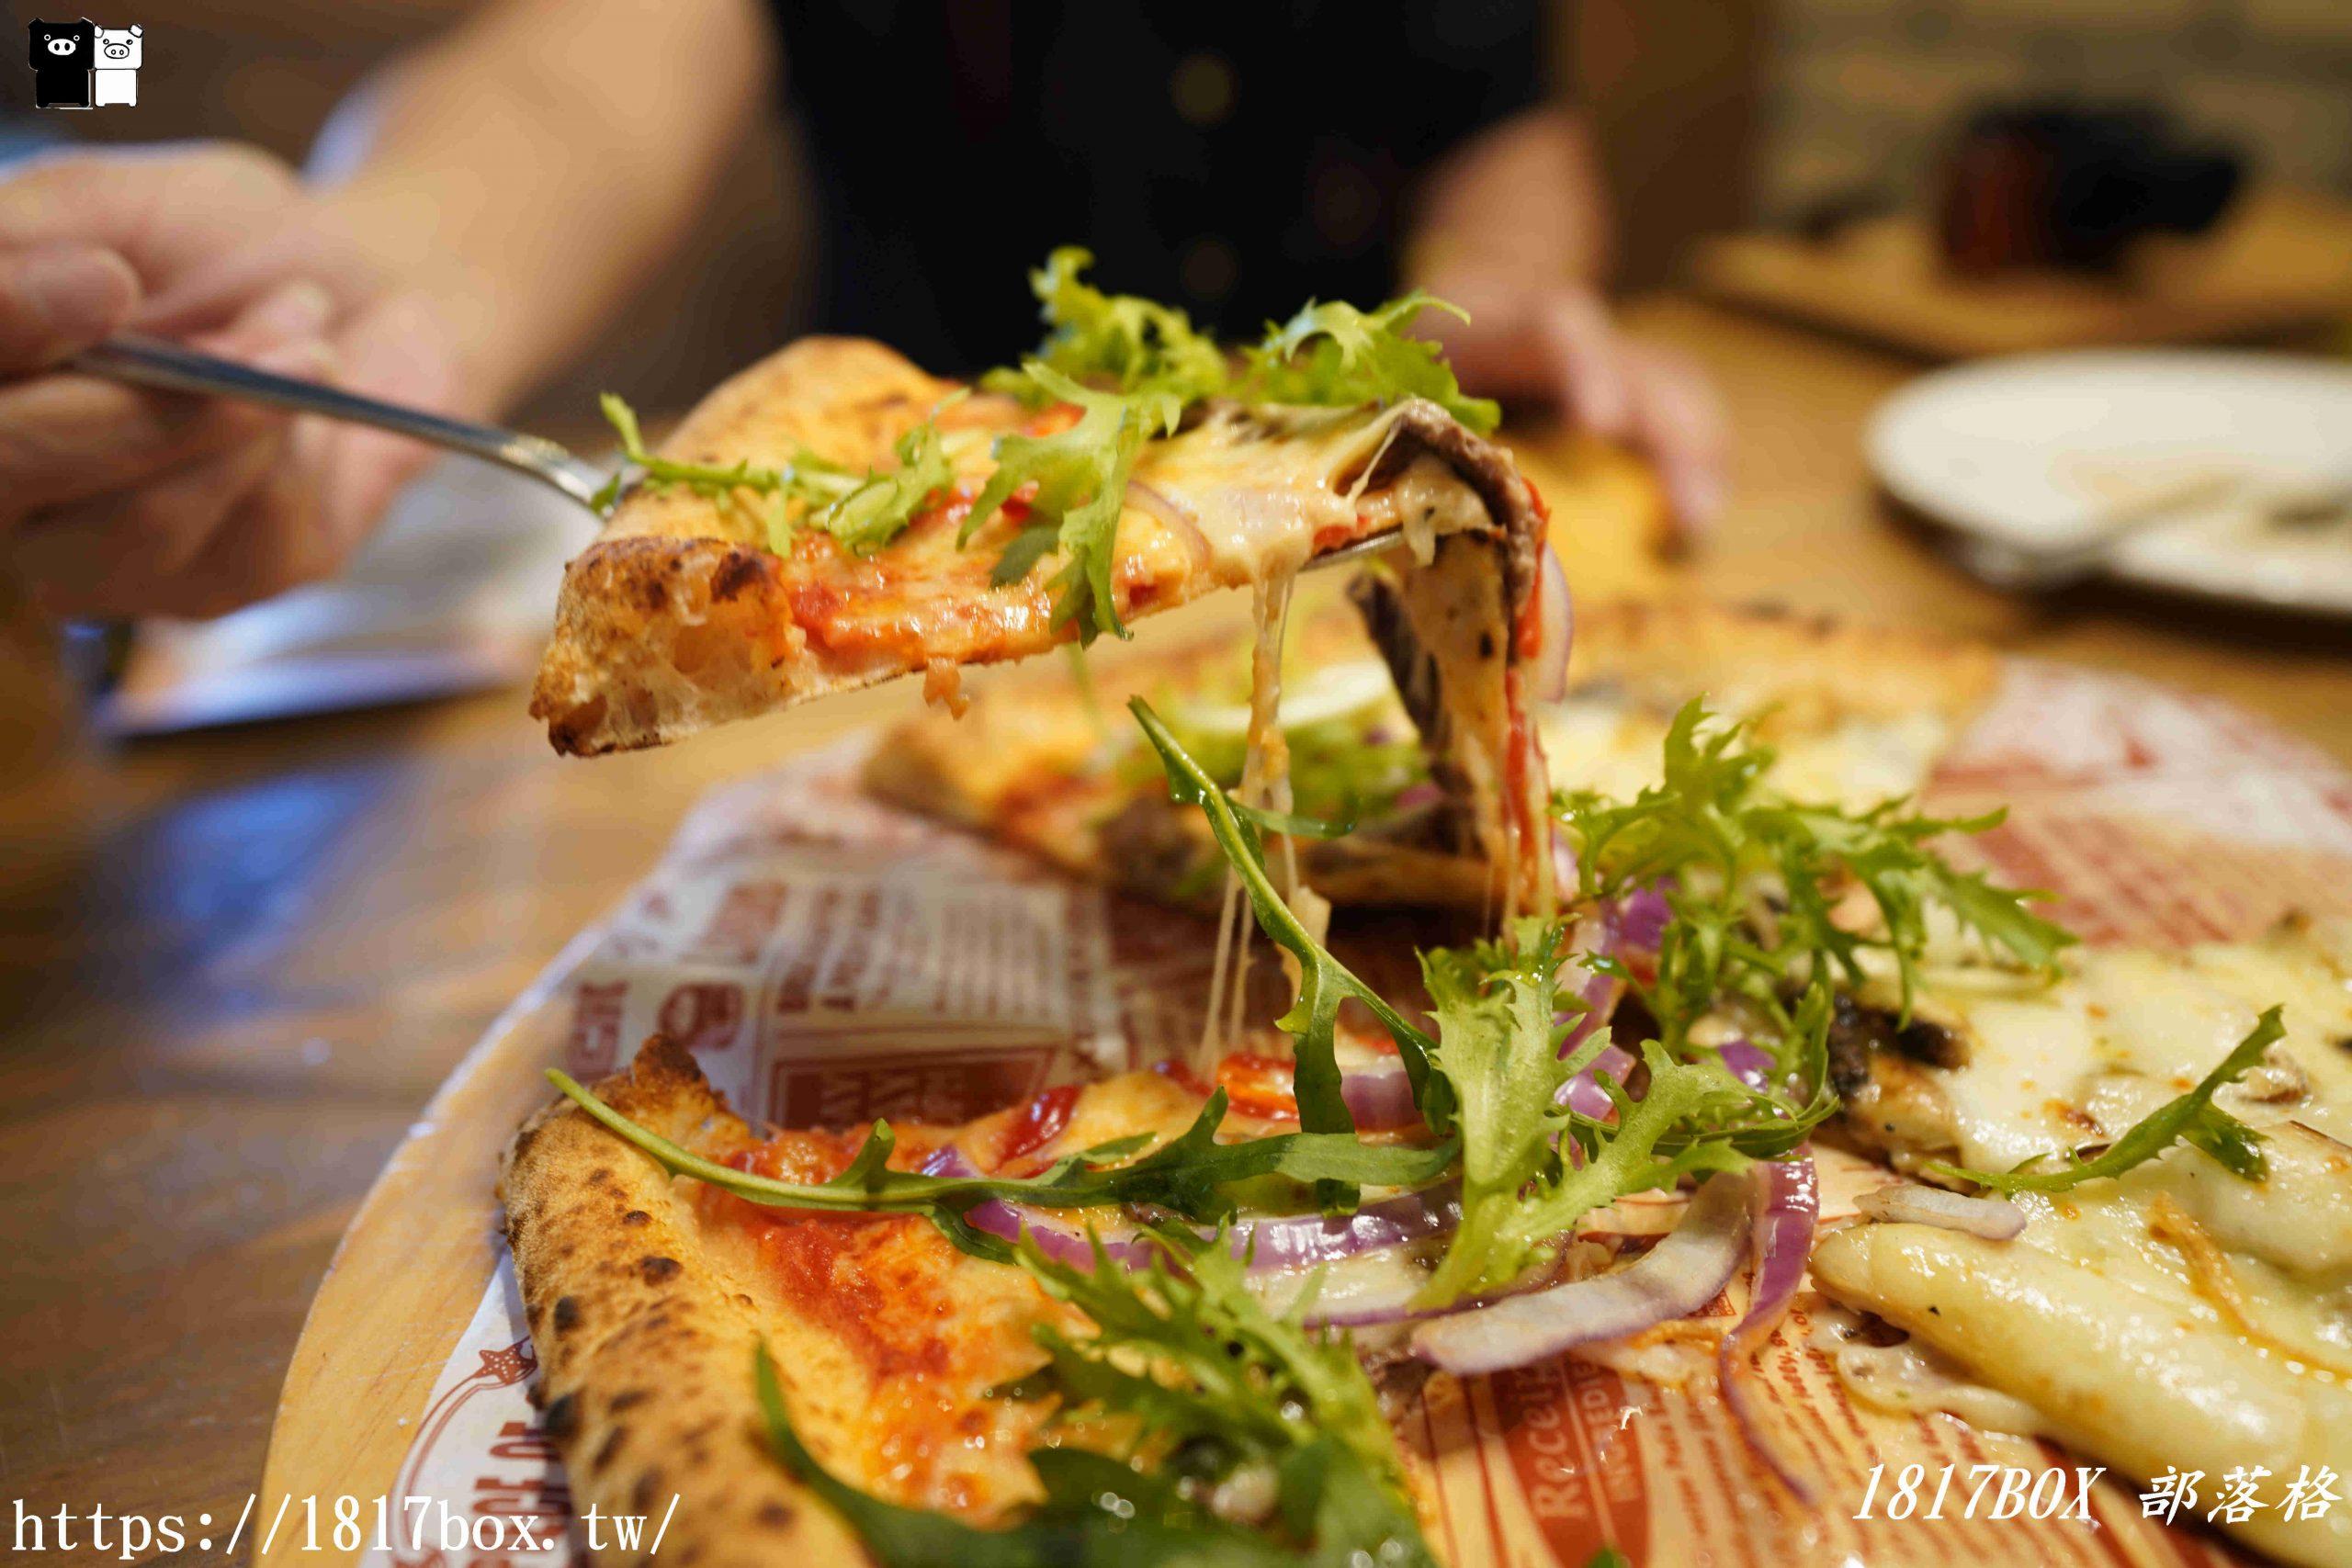 【台中。西屯】默爾 pasta pizza義大利餐廳。台中J Mall店。天然原味零添加的義大利美食 @1817BOX部落格